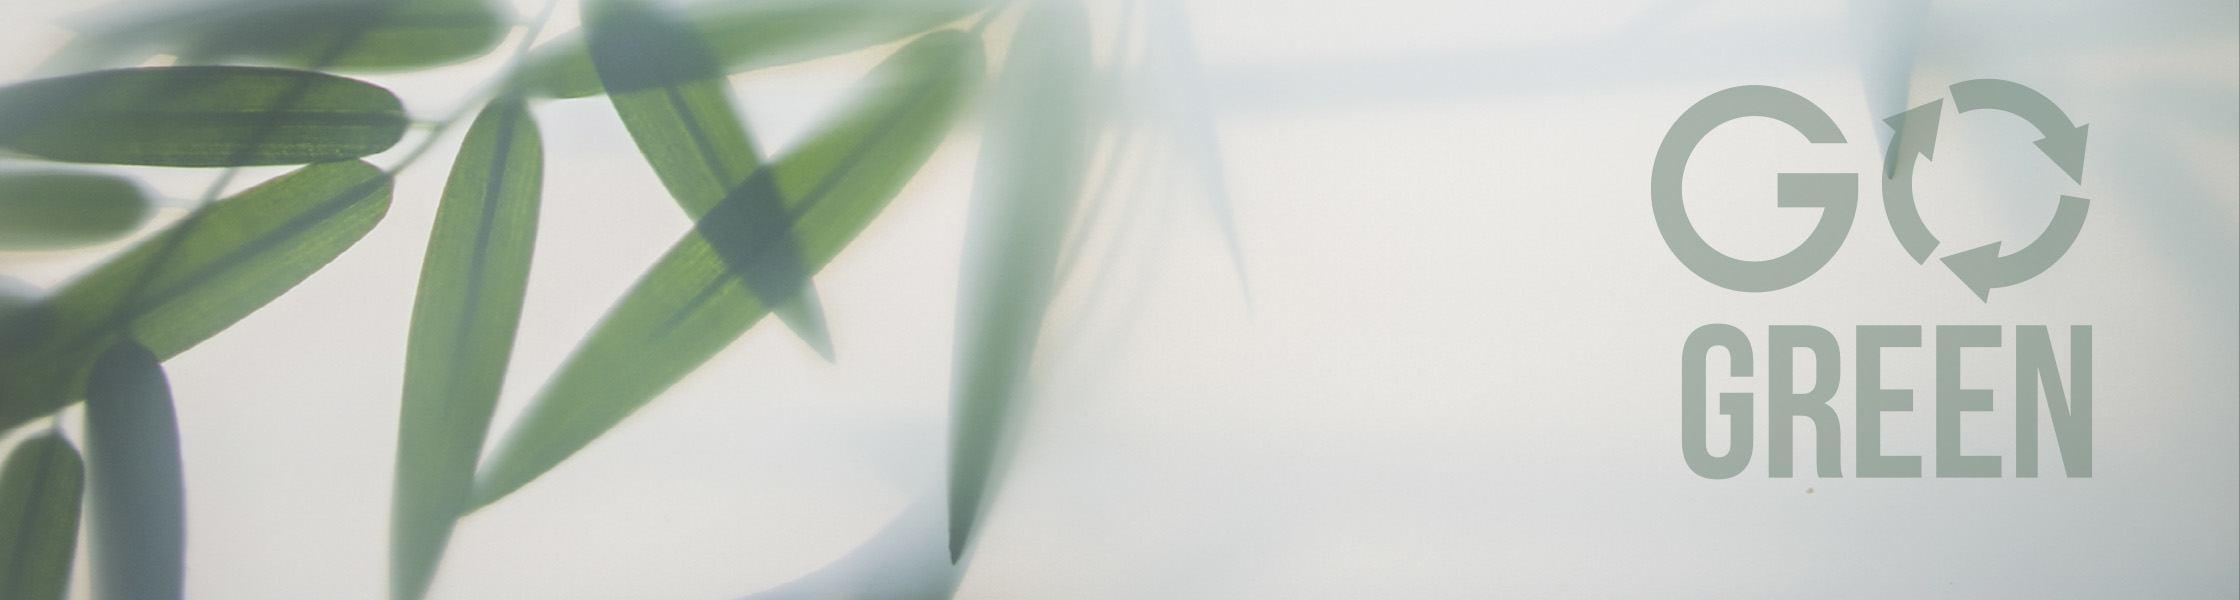 Entdecken Sie unseren neuen GO GREEN E-katalog